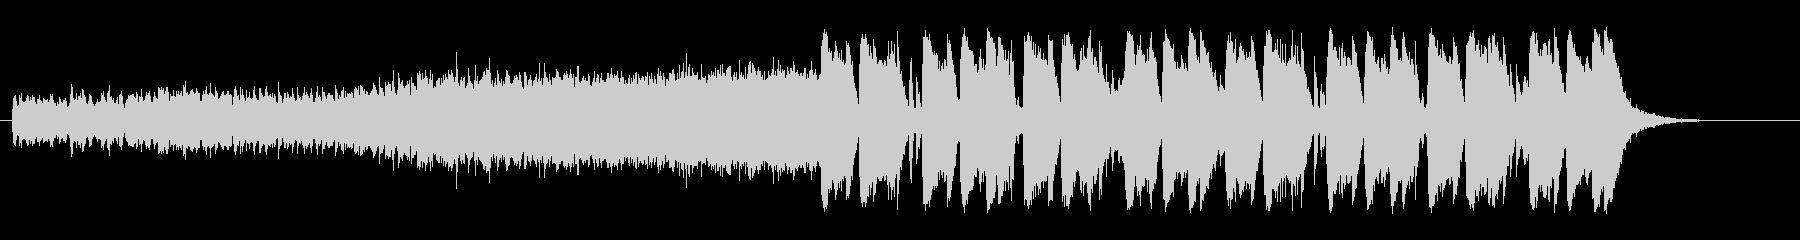 スポーティーな雰囲気の変則ビートの未再生の波形